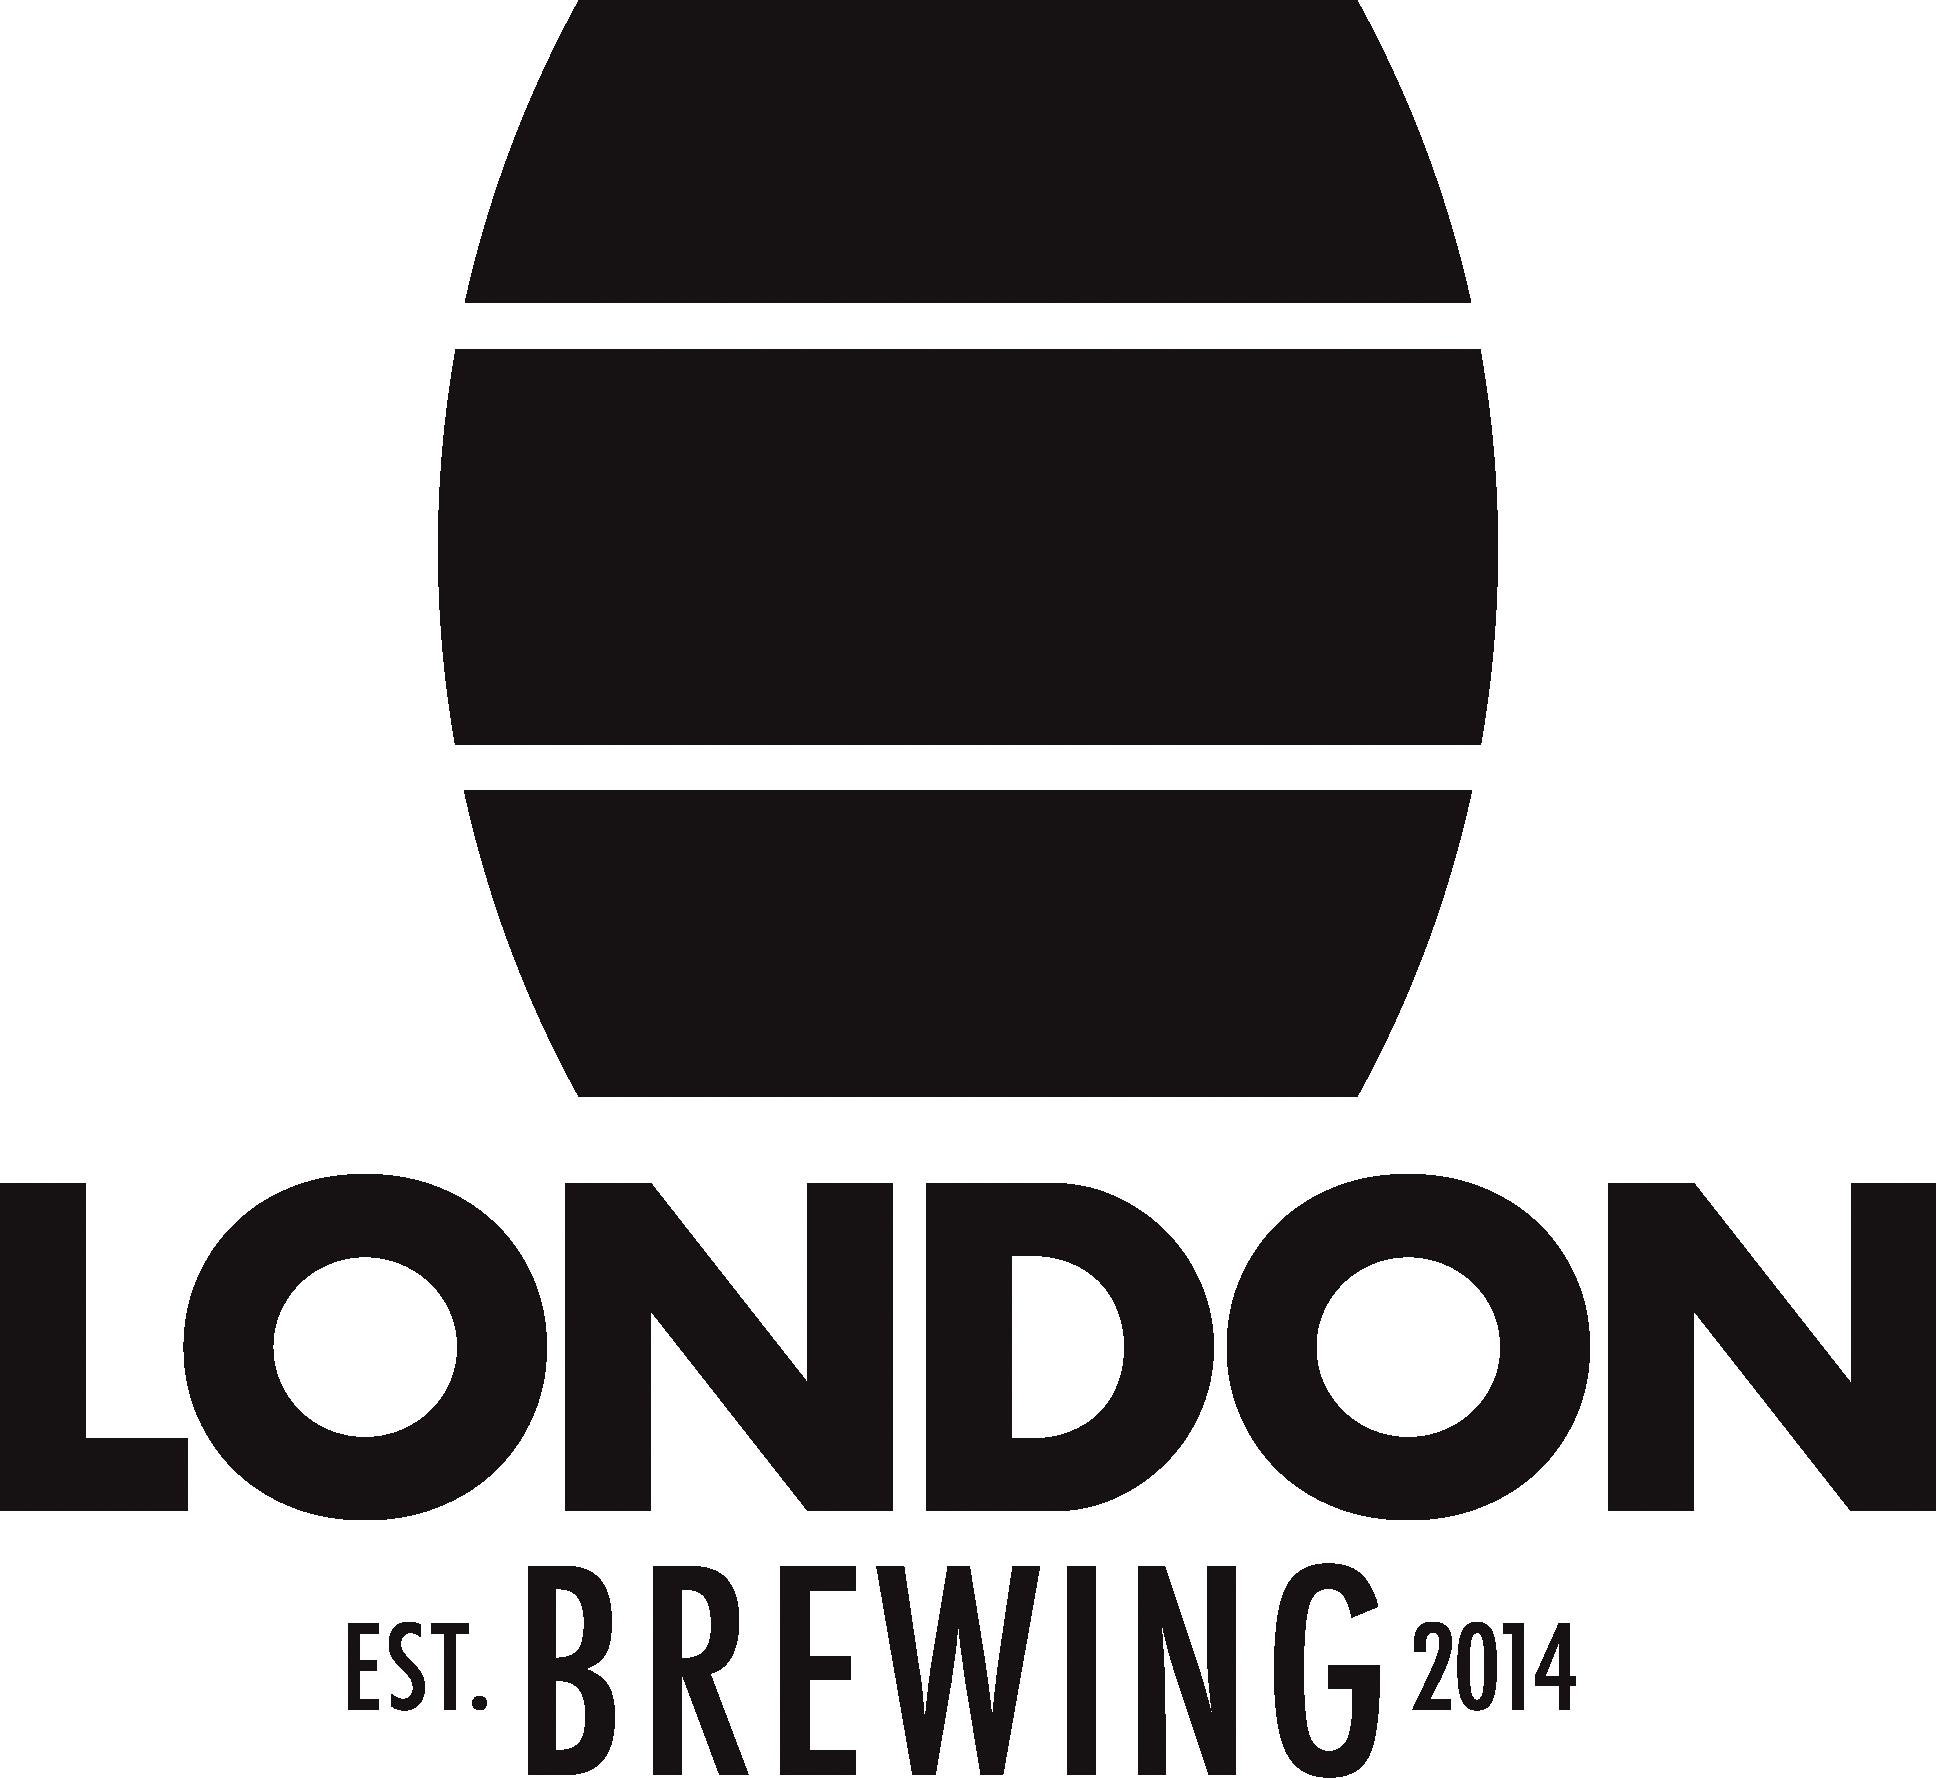 London Brewing Co-Op